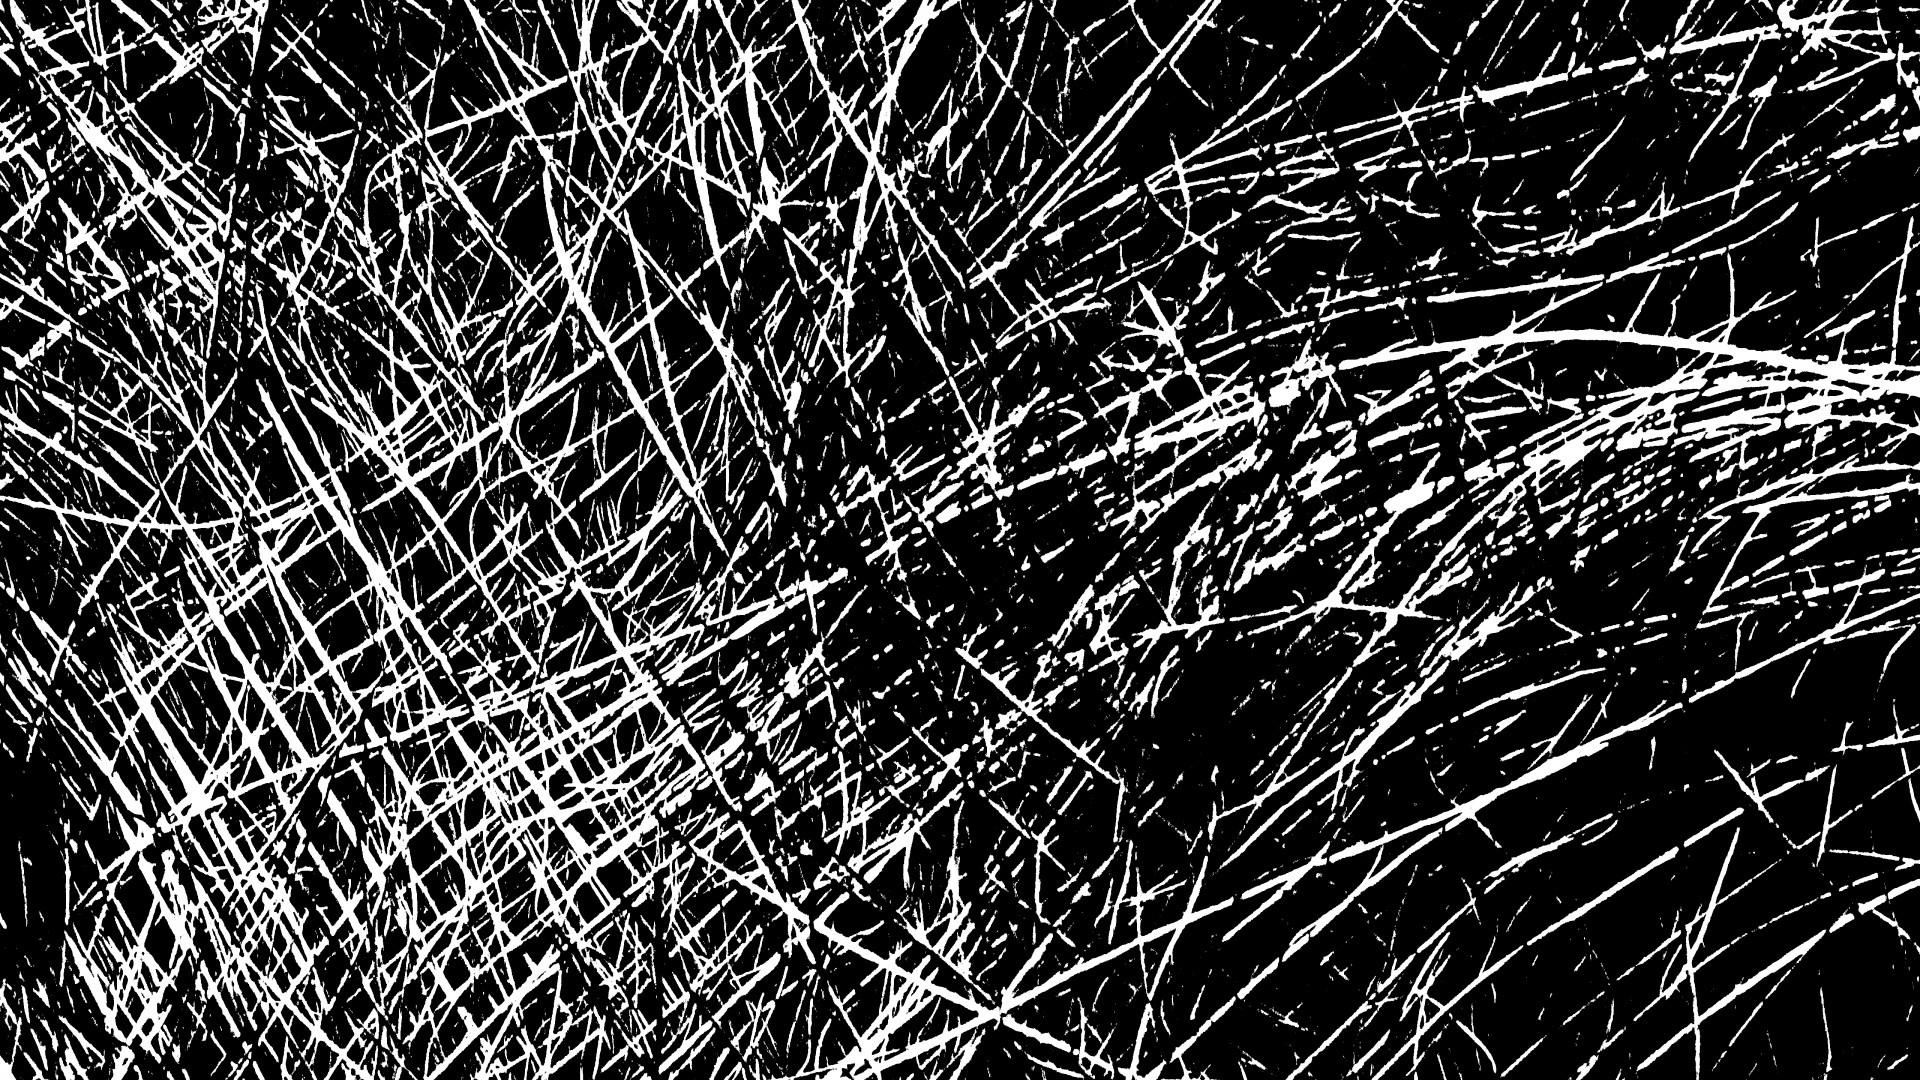 Sfondi bianco e nero 55 immagini - Pagine a colori in bianco e nero ...